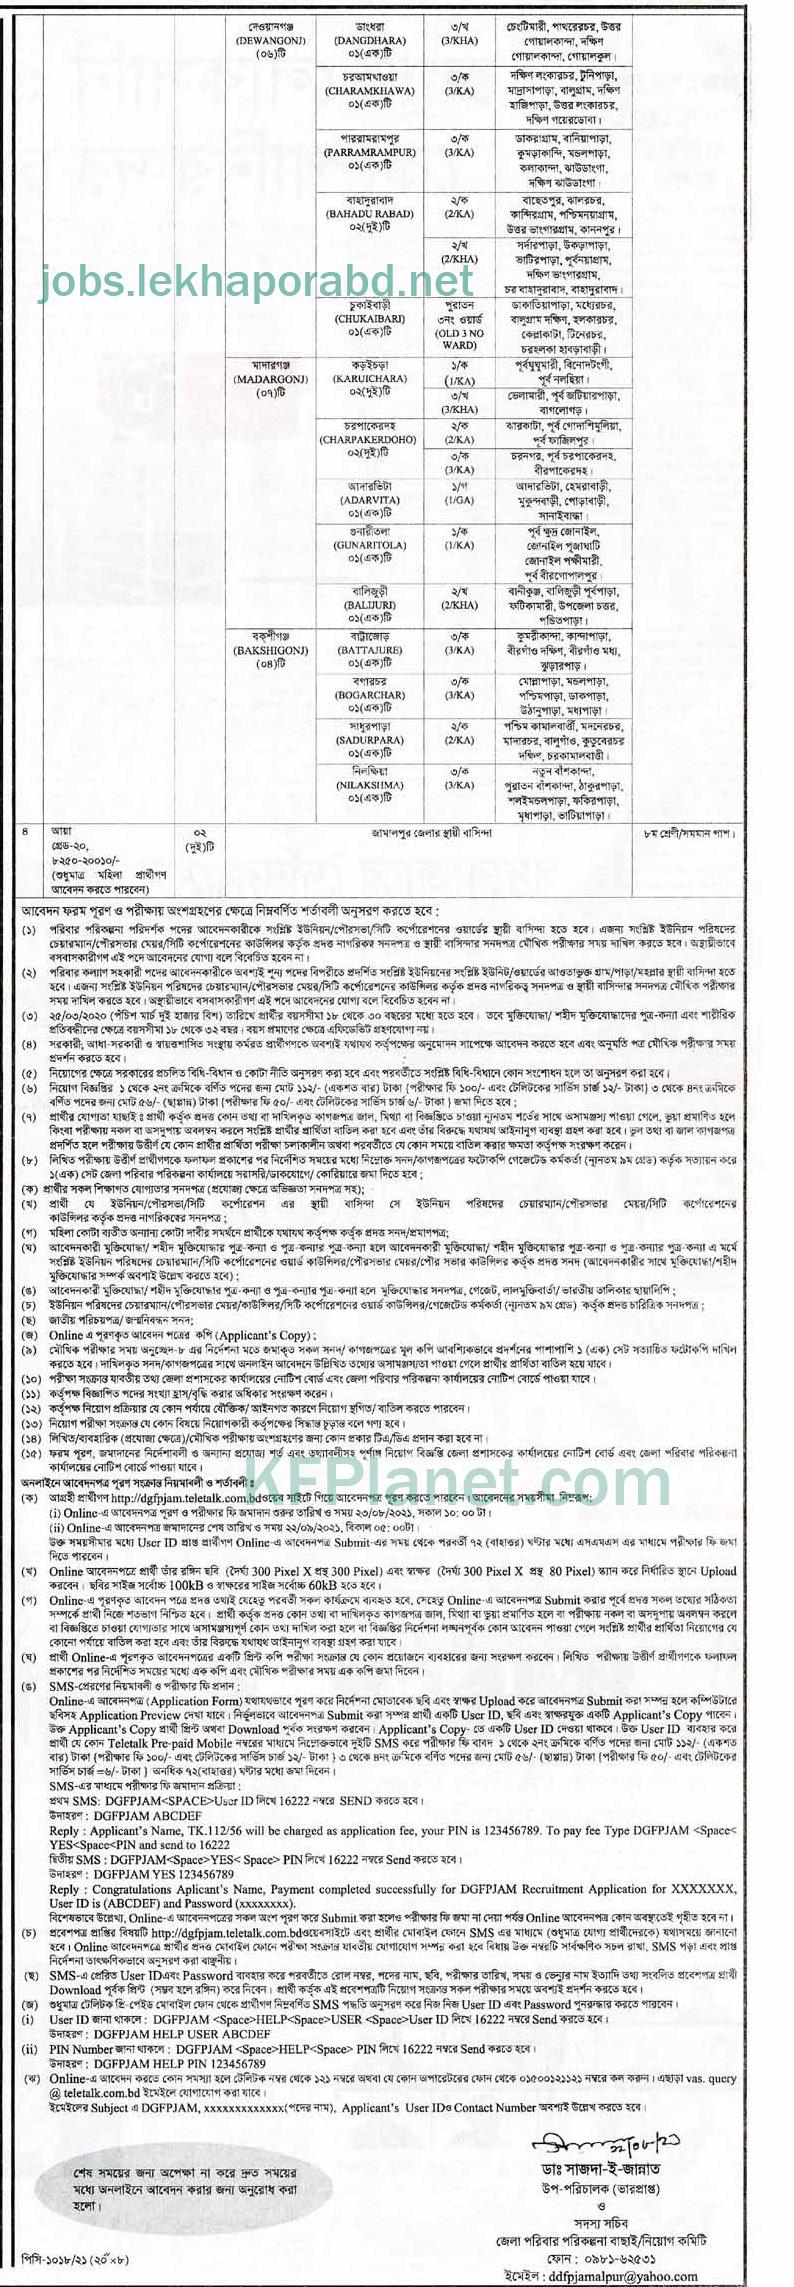 জামালপুর জেলা পরিবার পরিকল্পনা নিয়োগ বিজ্ঞপ্তি ২০২১ - Jamalpur District Family Planning Job Circular 2021 - পরিবার পরিকল্পনা নিয়োগ বিজ্ঞপ্তি ২০২১